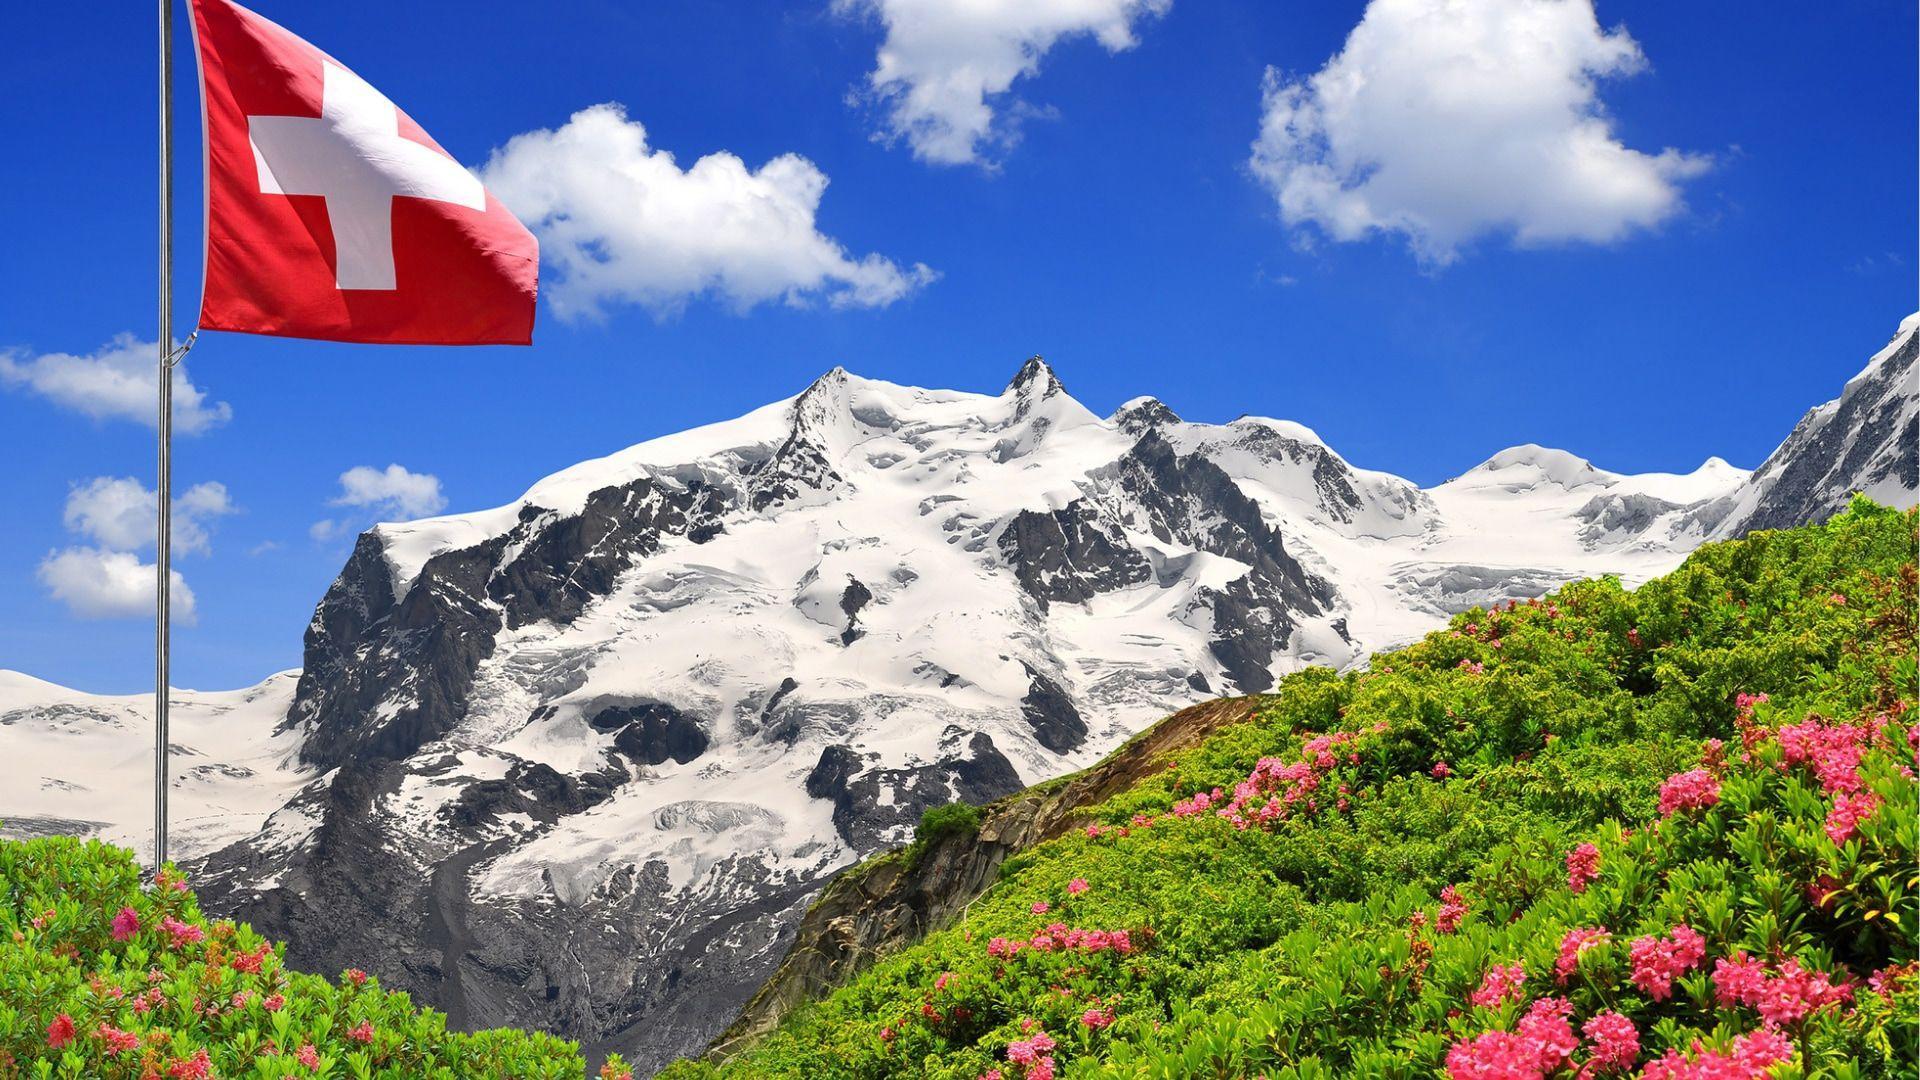 Įstabus Šveicarijos kalnų vaizdas